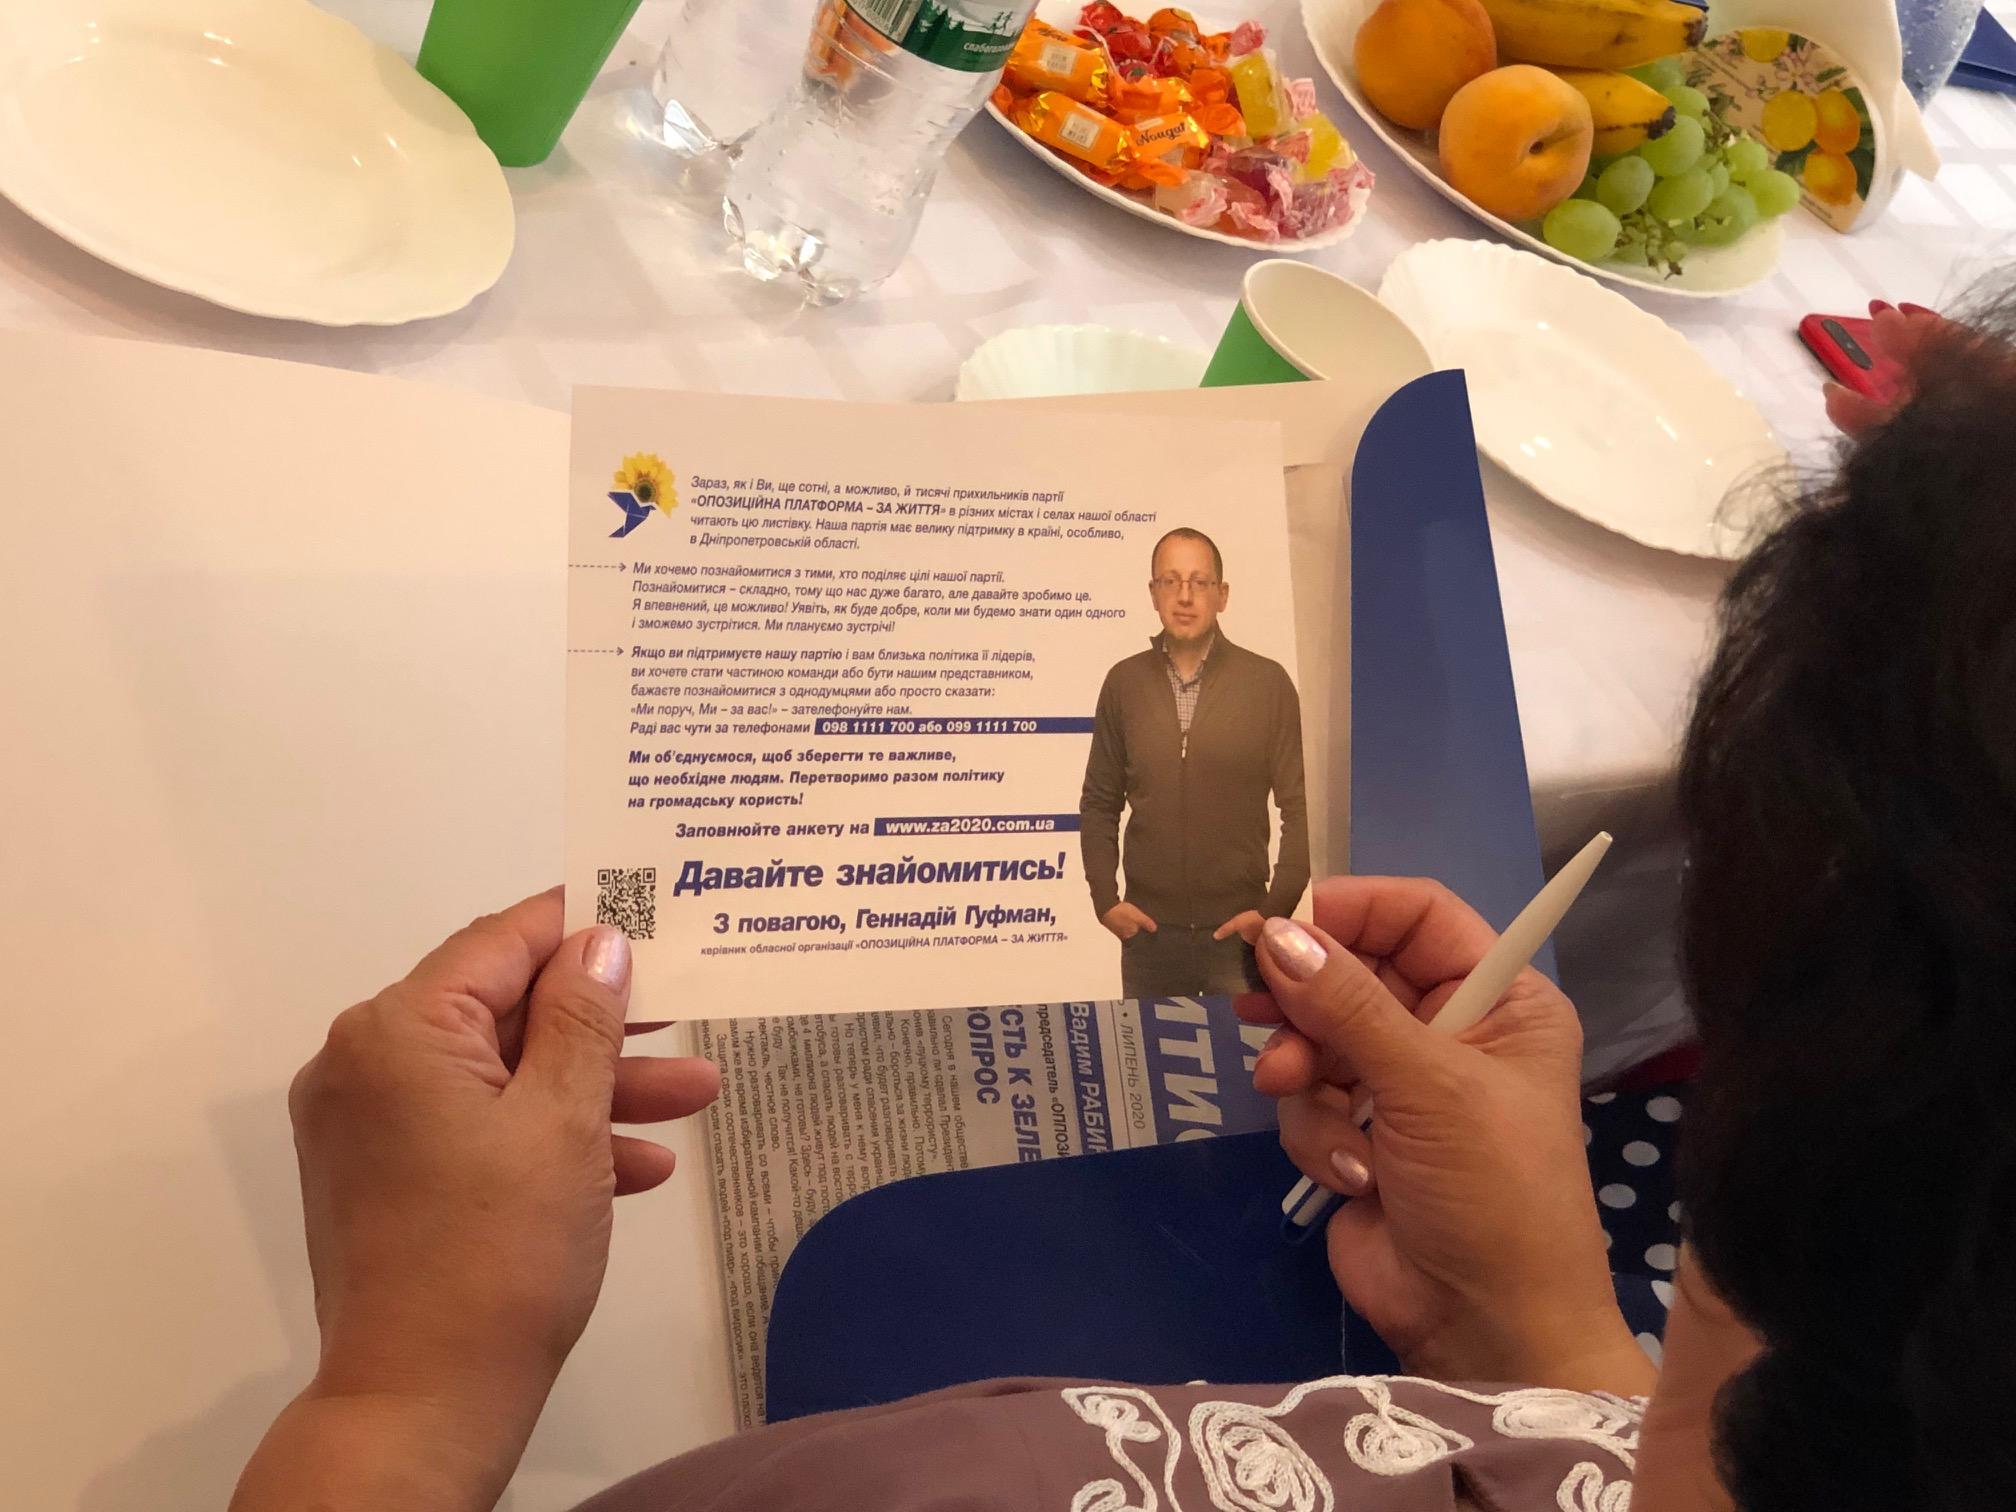 Новости Днепра про «Давай знакомиться!»: с каждым днем на призыв лидера ОПЗЖ в области Геннадия Гуфмана откликается все больше людей